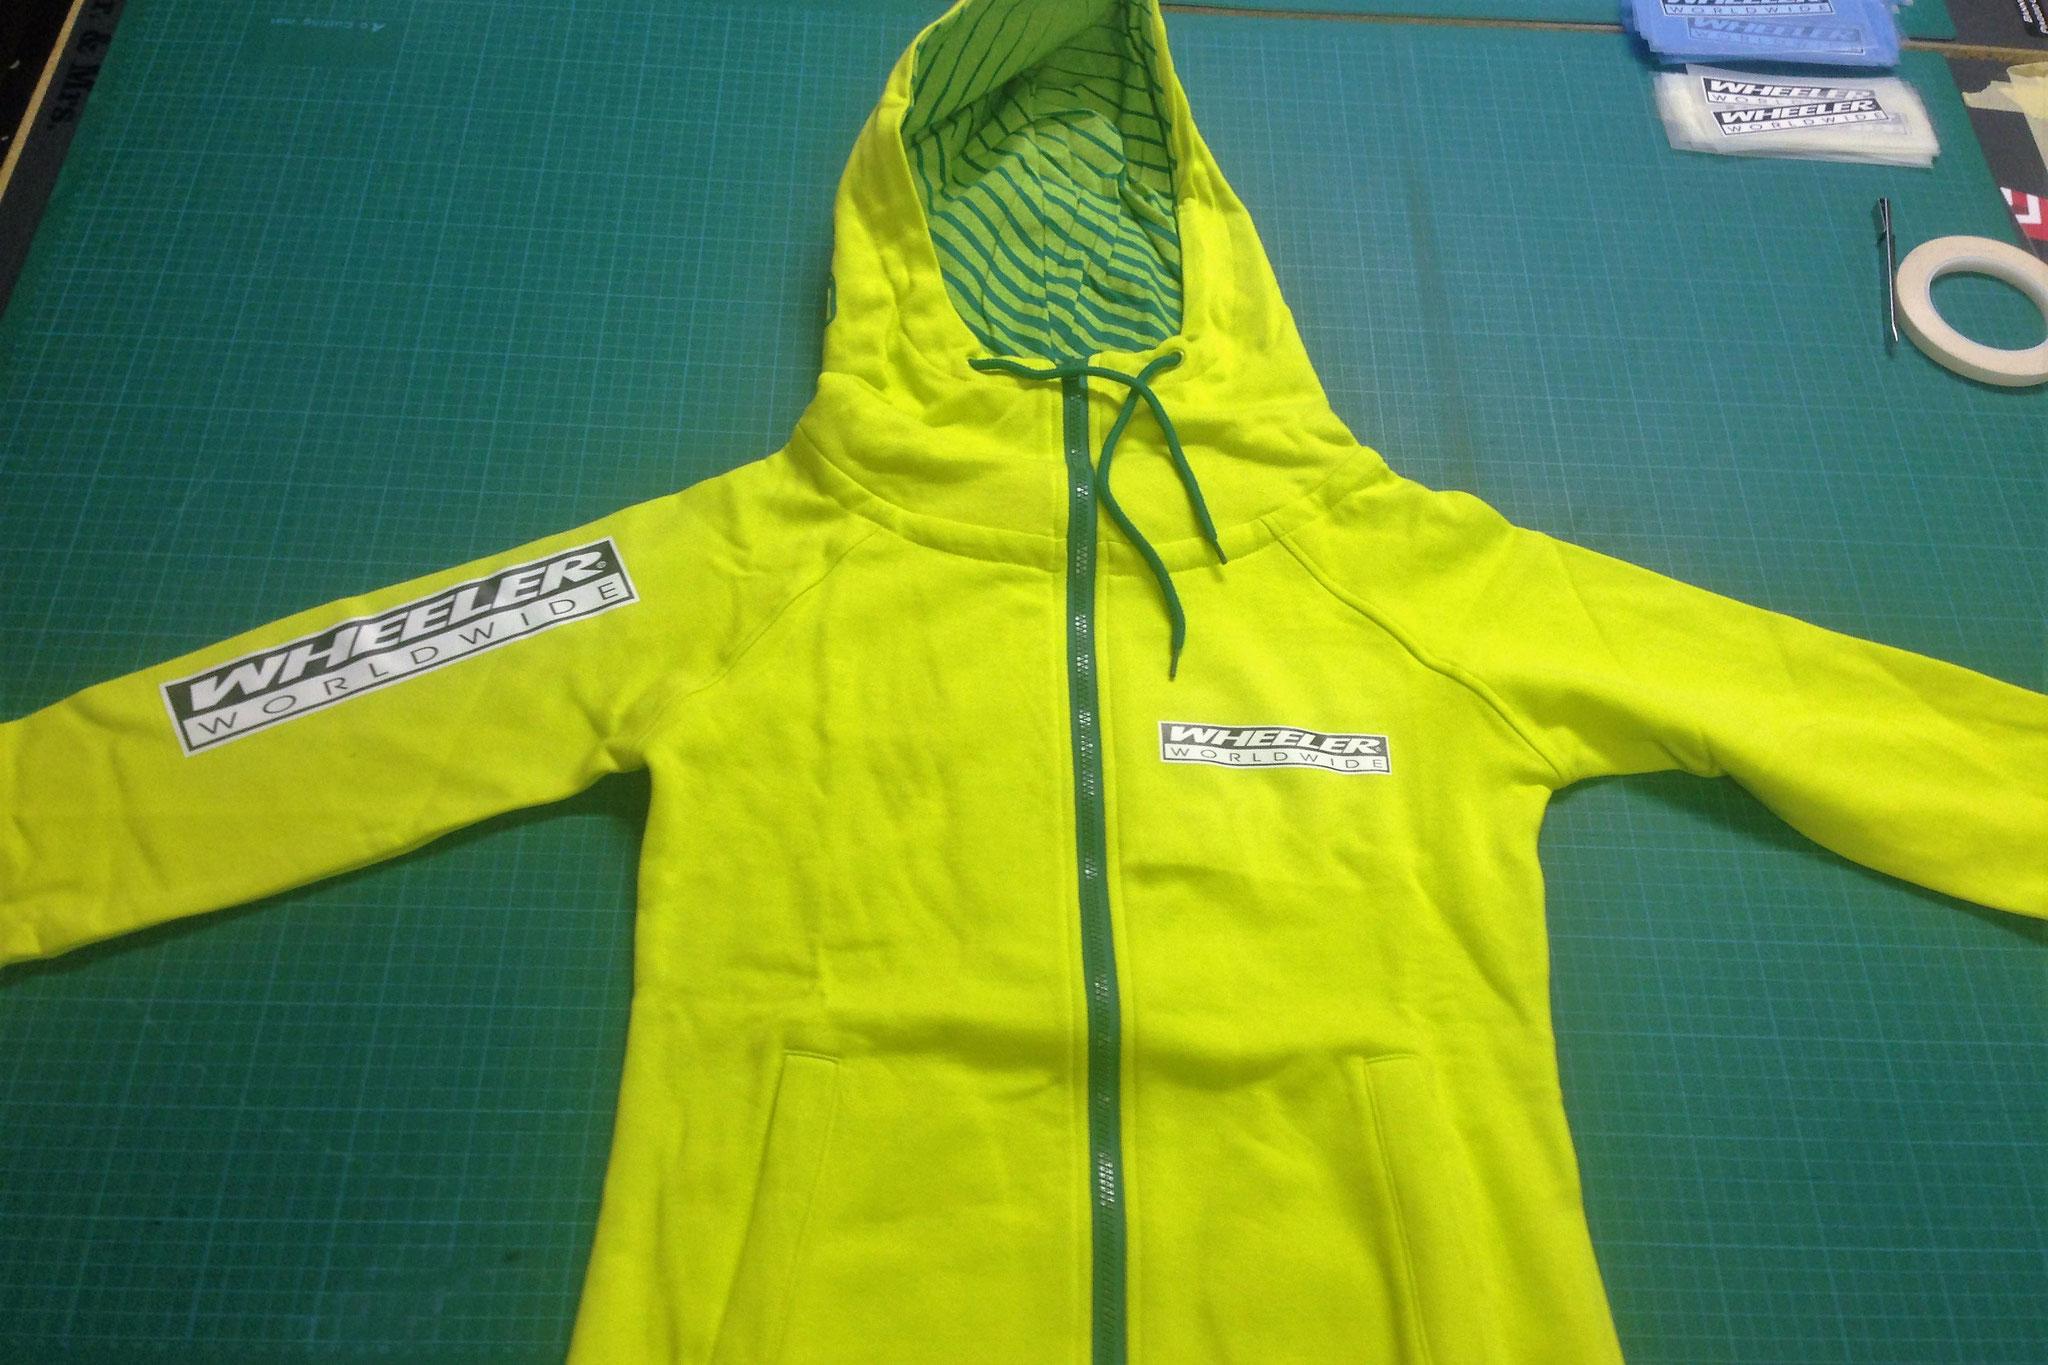 Aufdruck von WHEELER Logos auf angelieferte Jacken